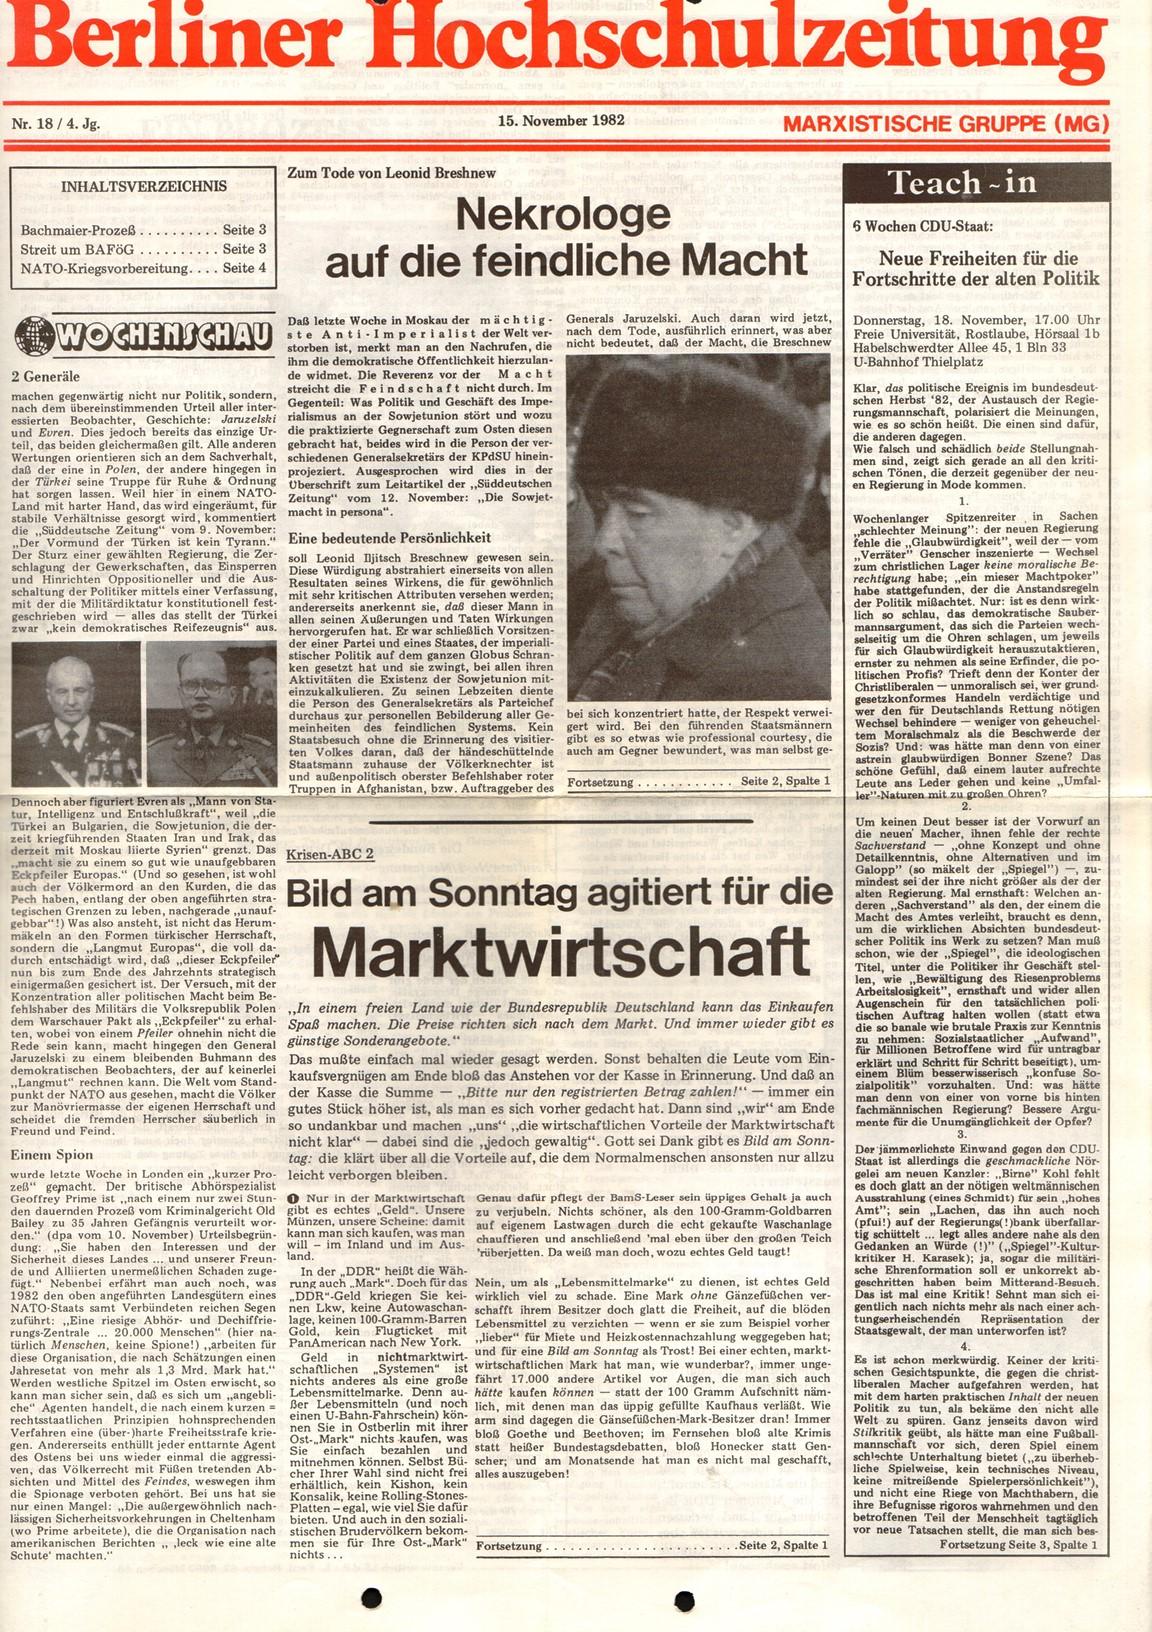 Berlin_MG_Hochschulzeitung_19821115_01